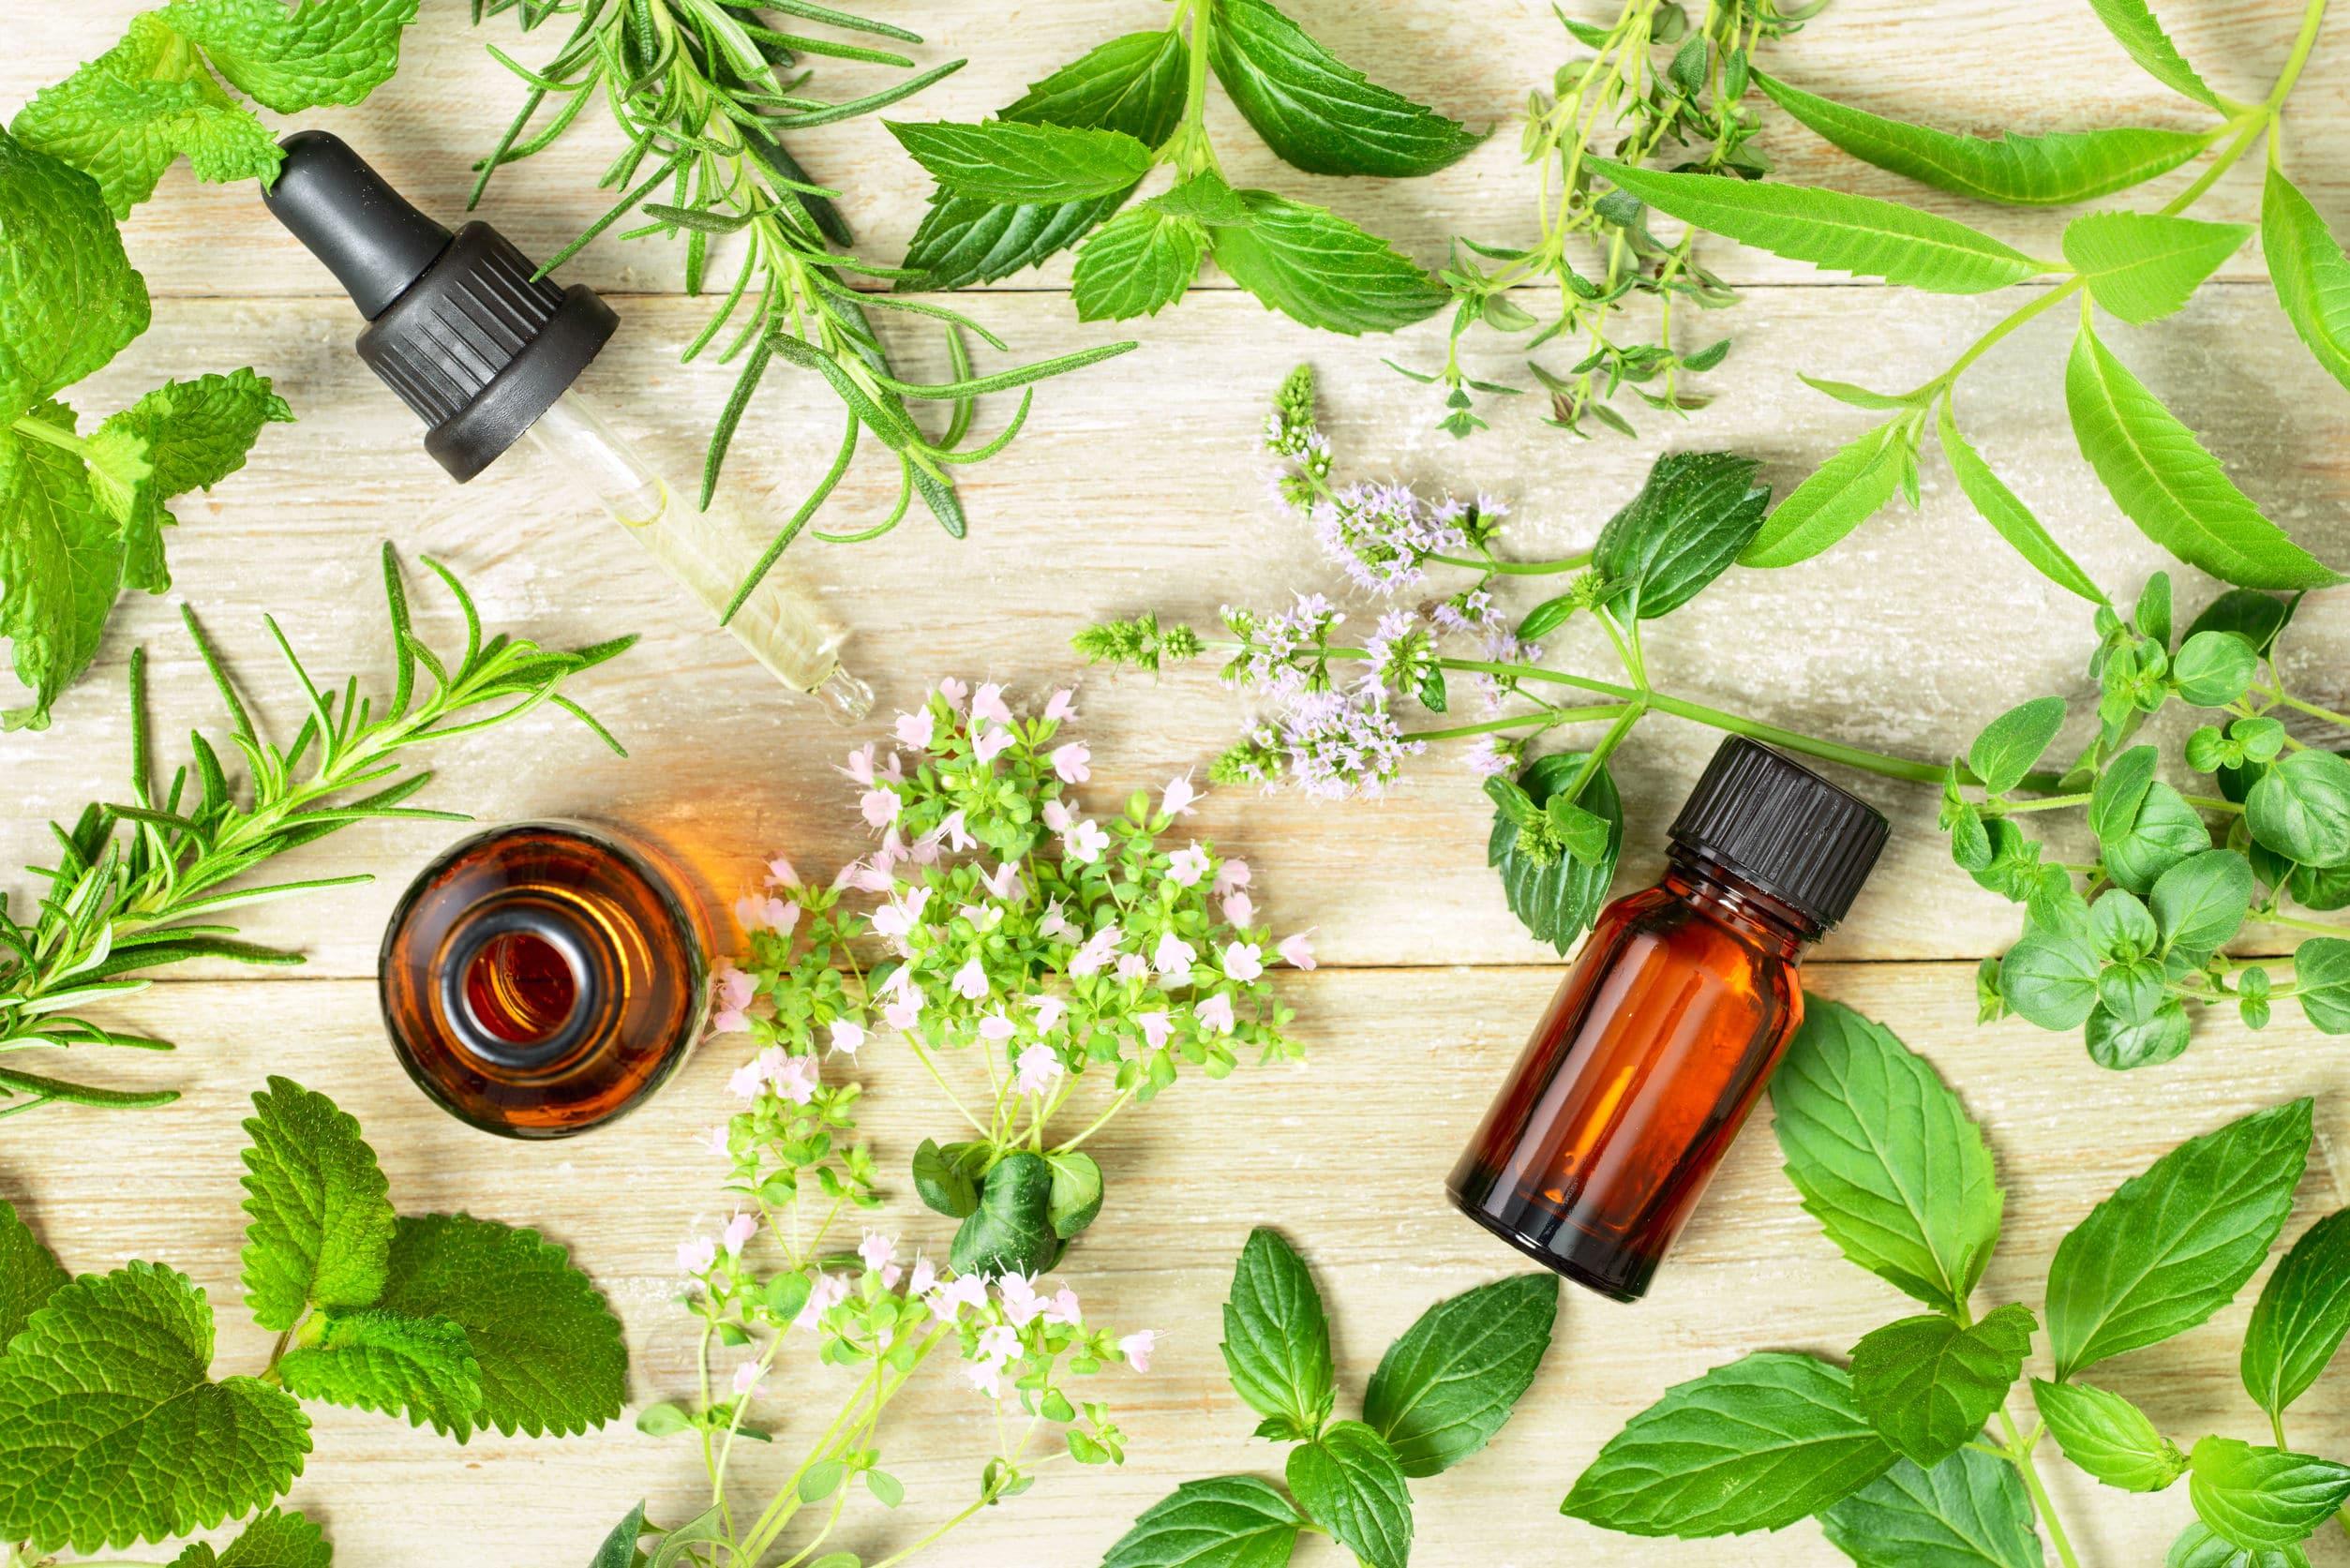 Frascos de óleos essenciais ao lado de folhas verdes.